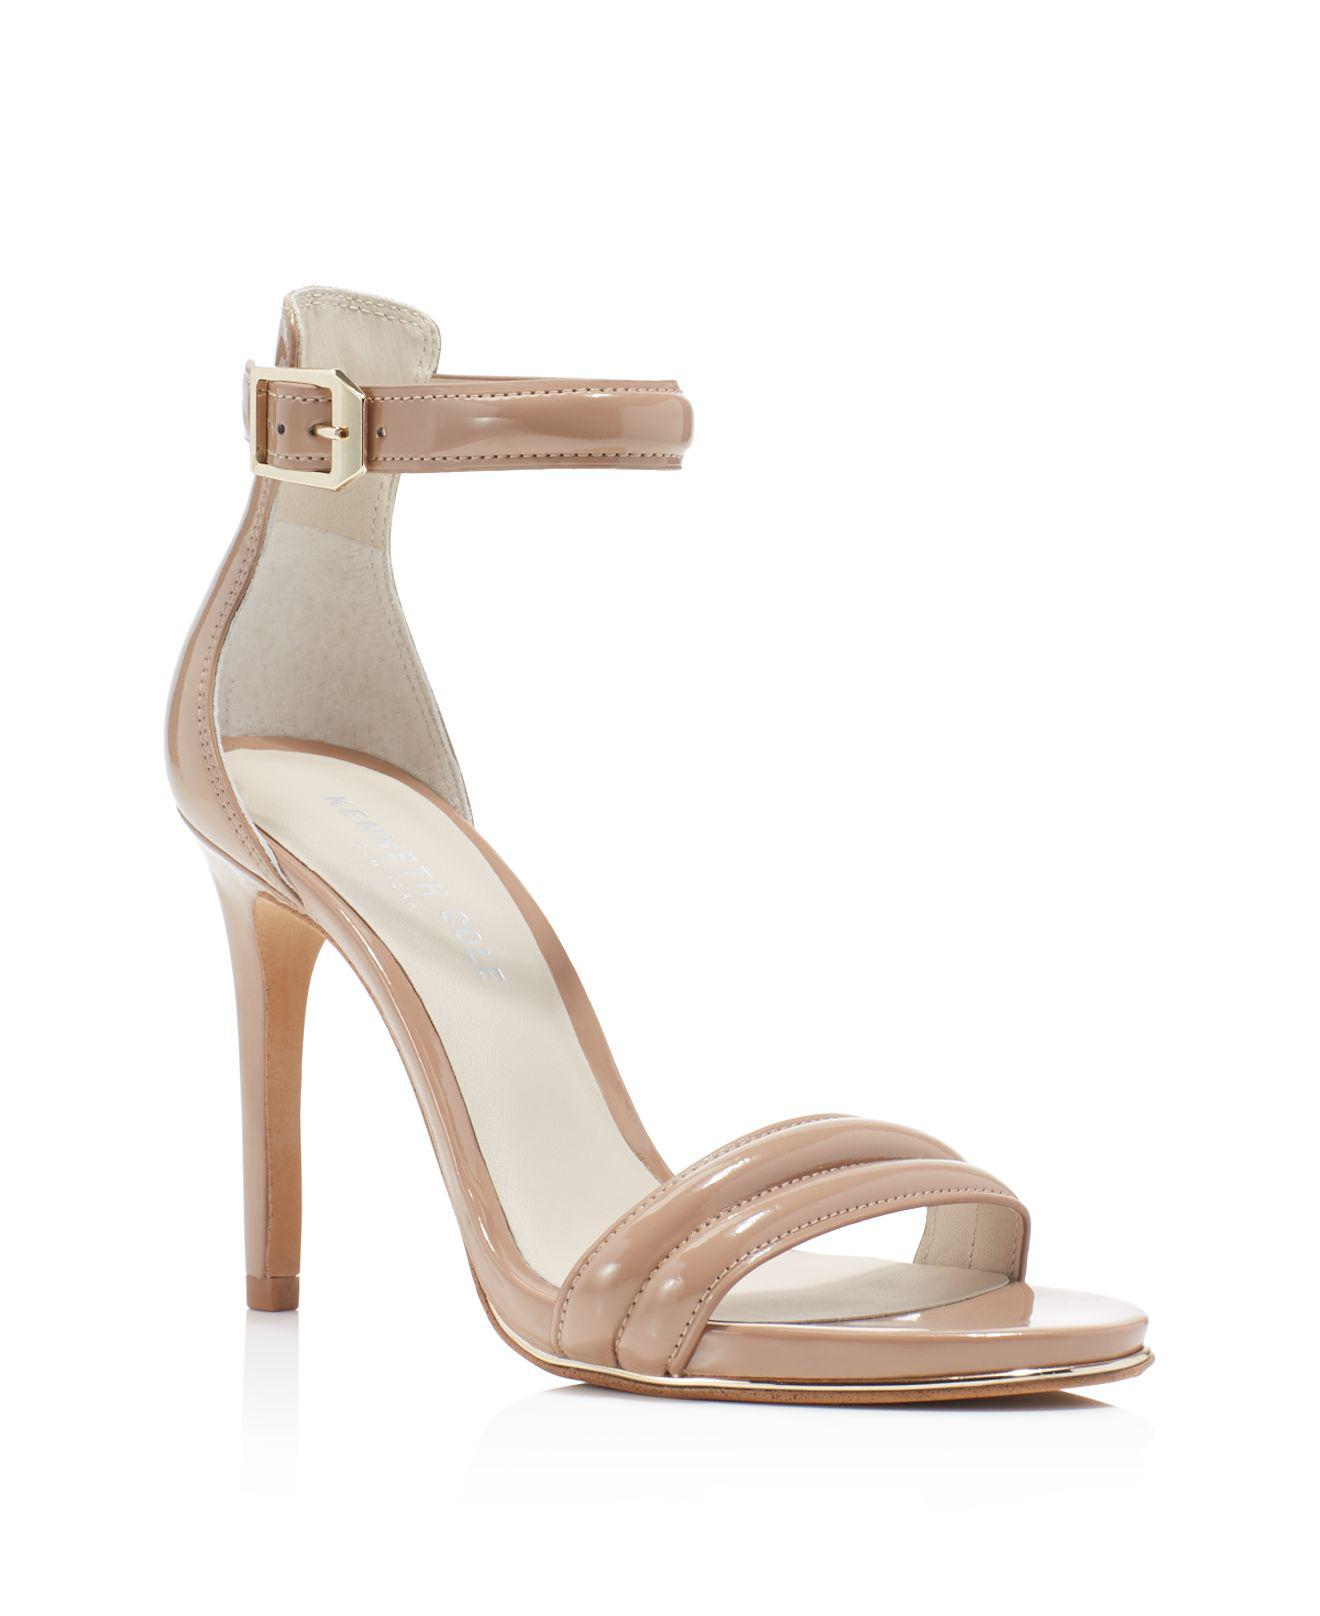 Kenneth Cole Brooke Ankle Strap High-Heel Sandals hM8oTMqr4